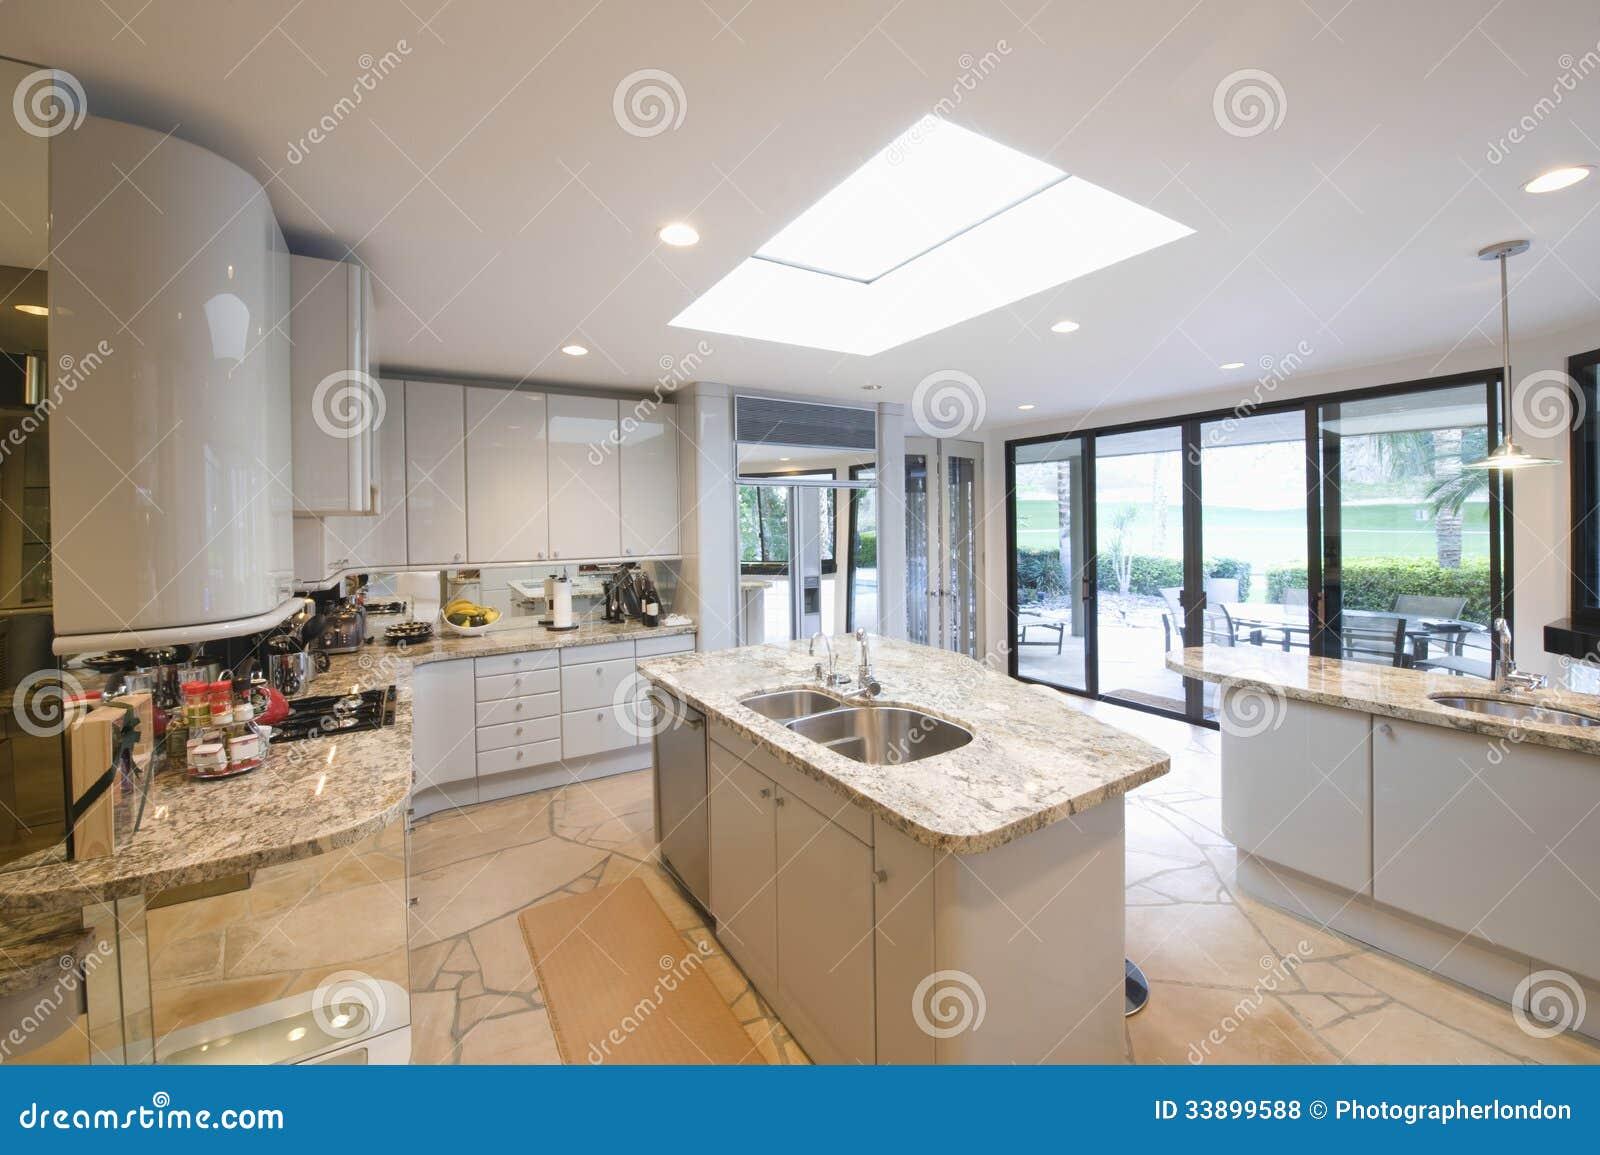 Mármore Cobriu Unidades De Worktop Na Cozinha Moderna Fotos de  #90663B 1300 955